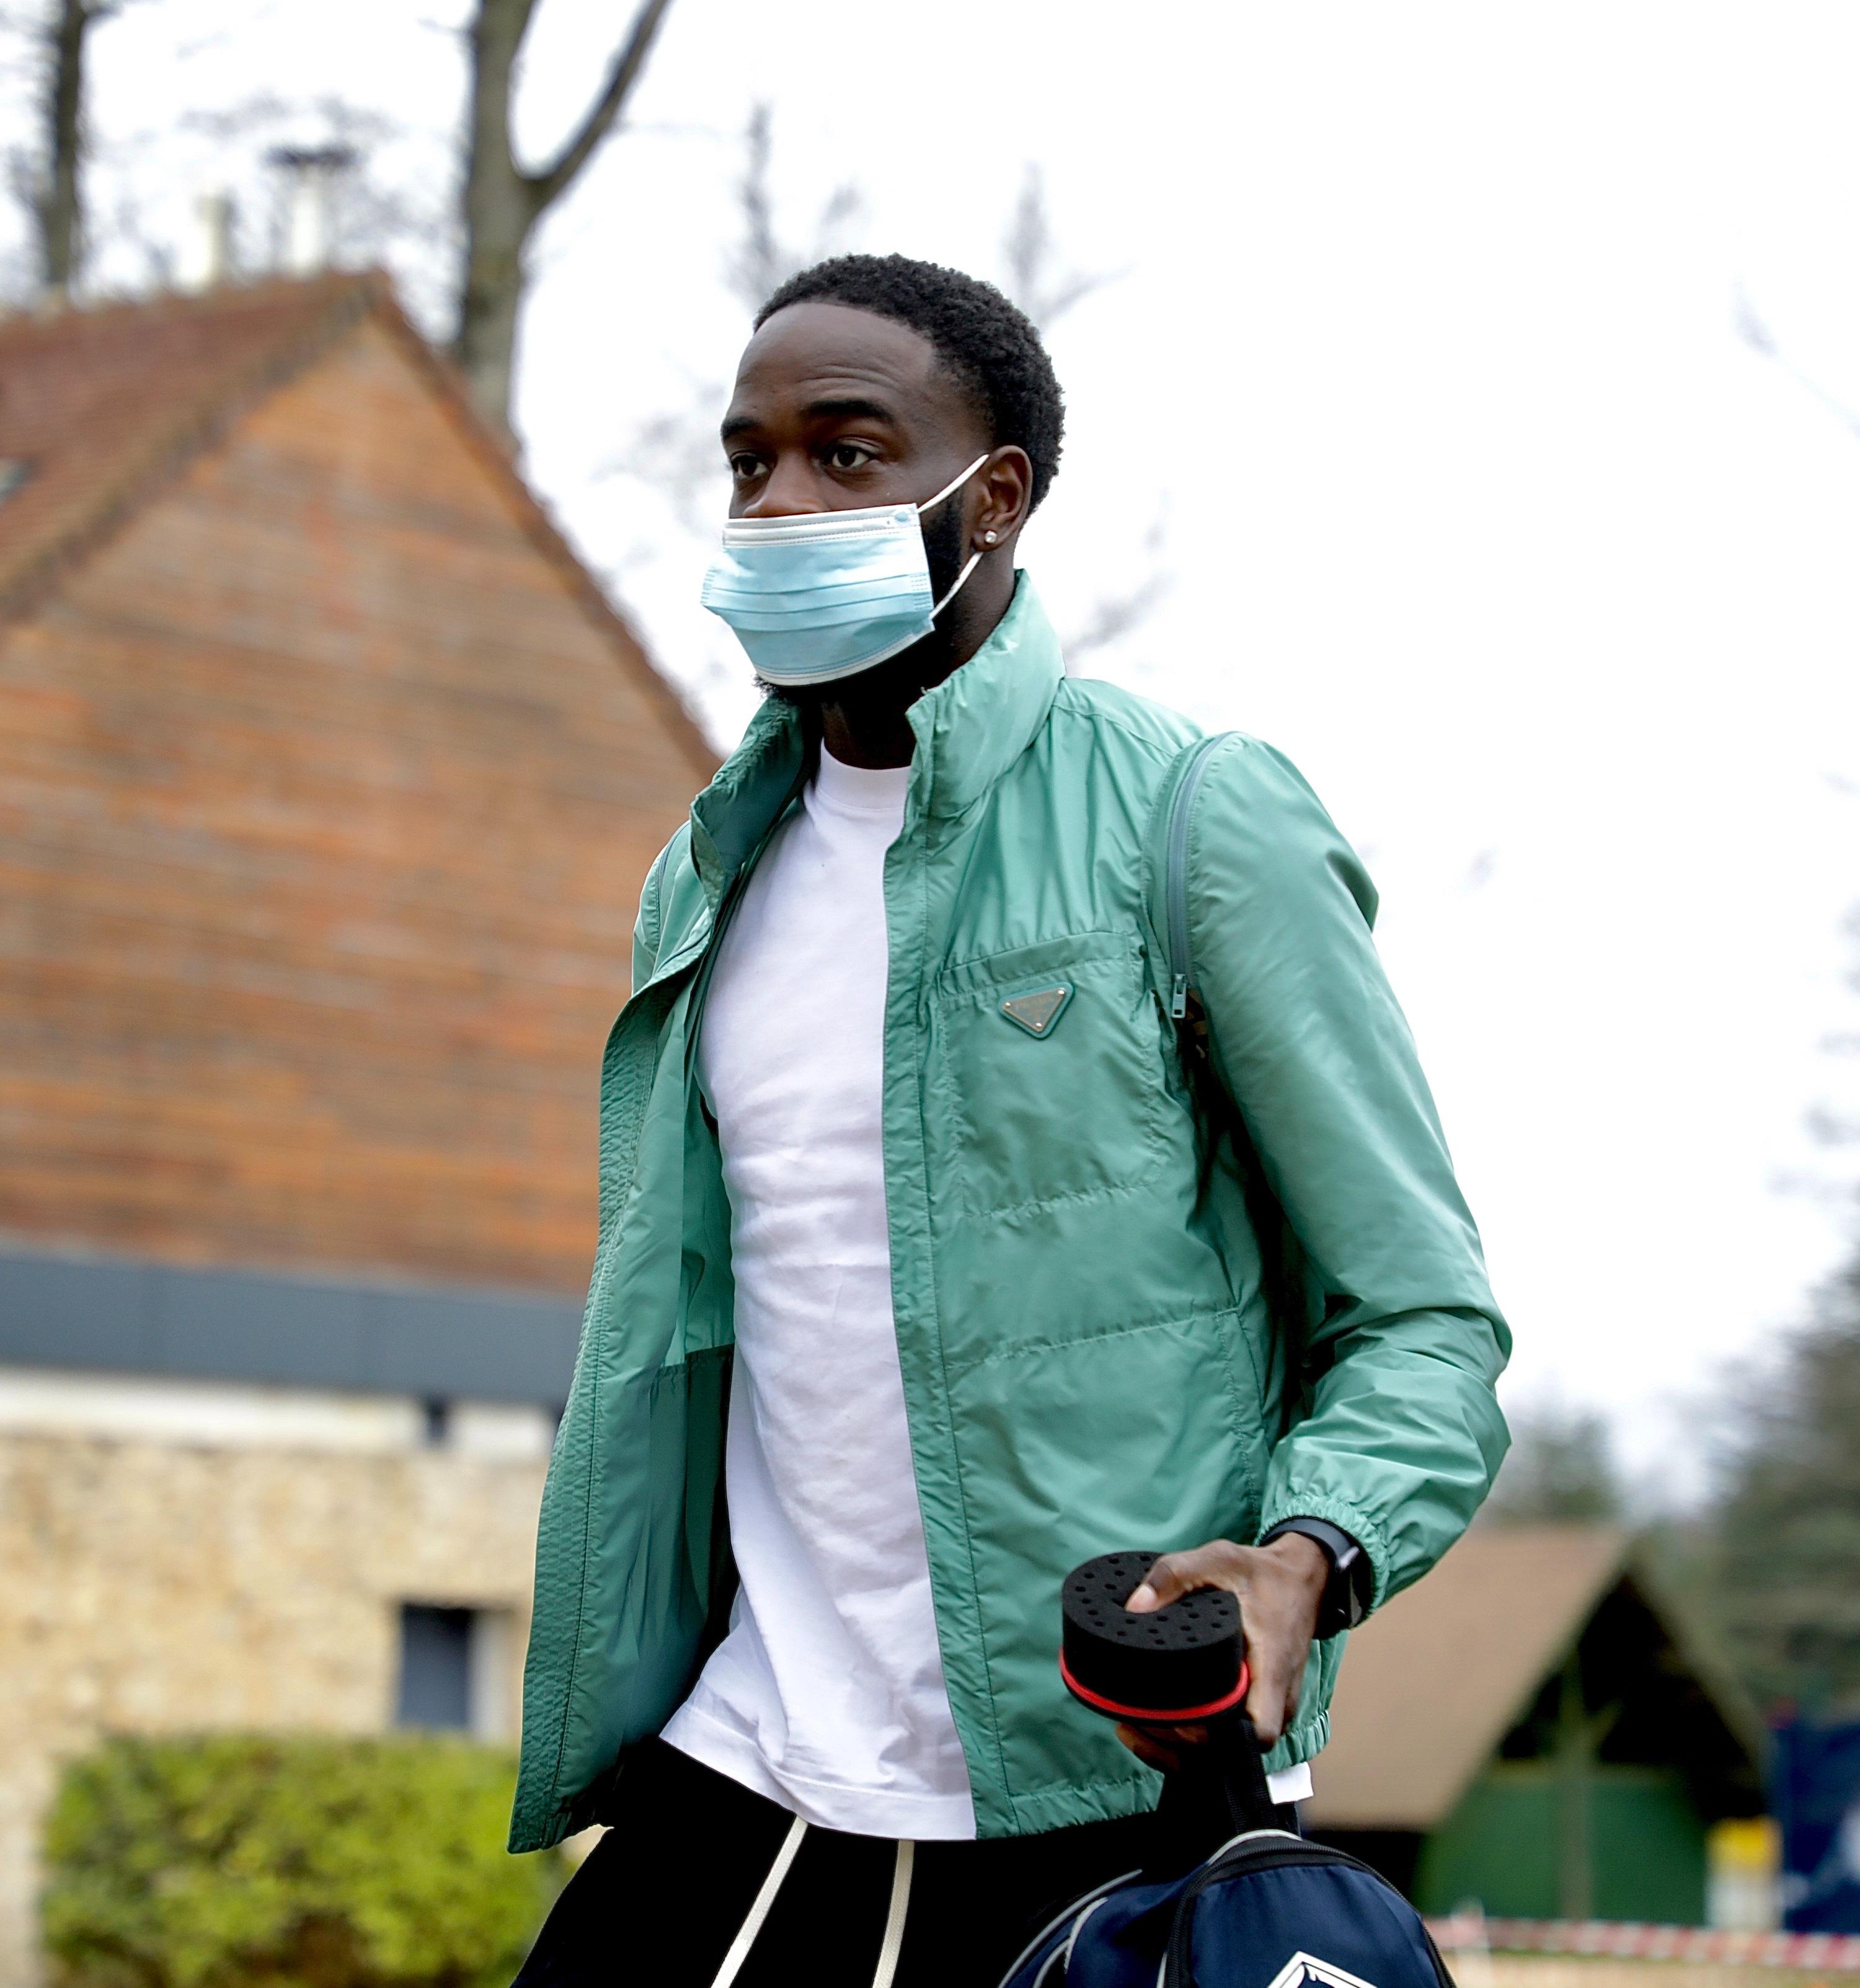 Jonathan Ikoné